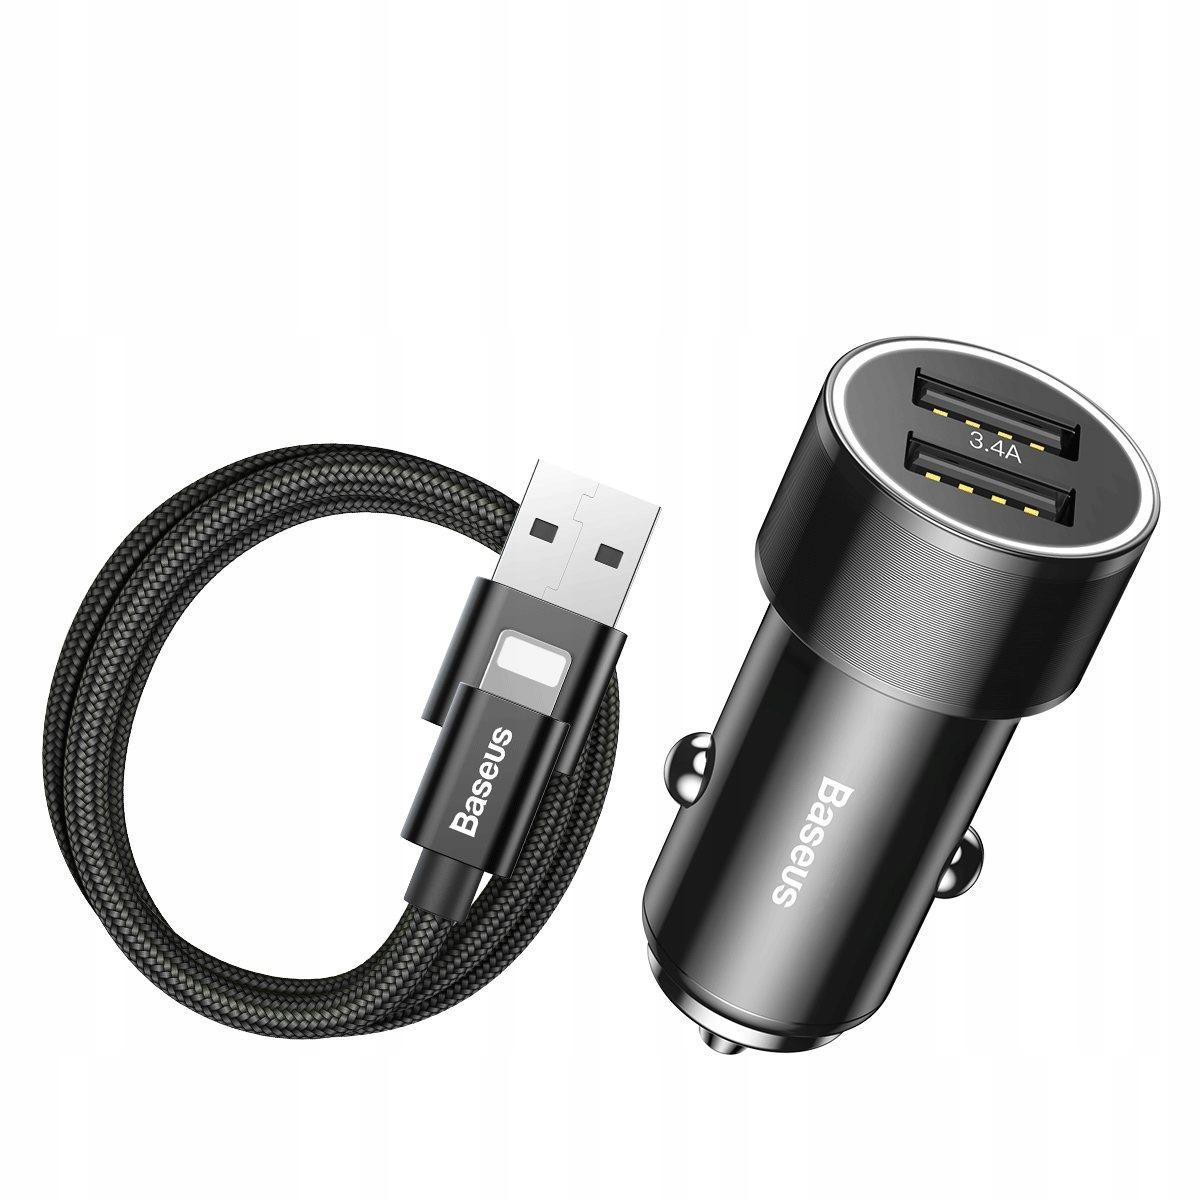 Baseus smart ładowarka 3.4A 2xUSB + kabel iP 1m 2A